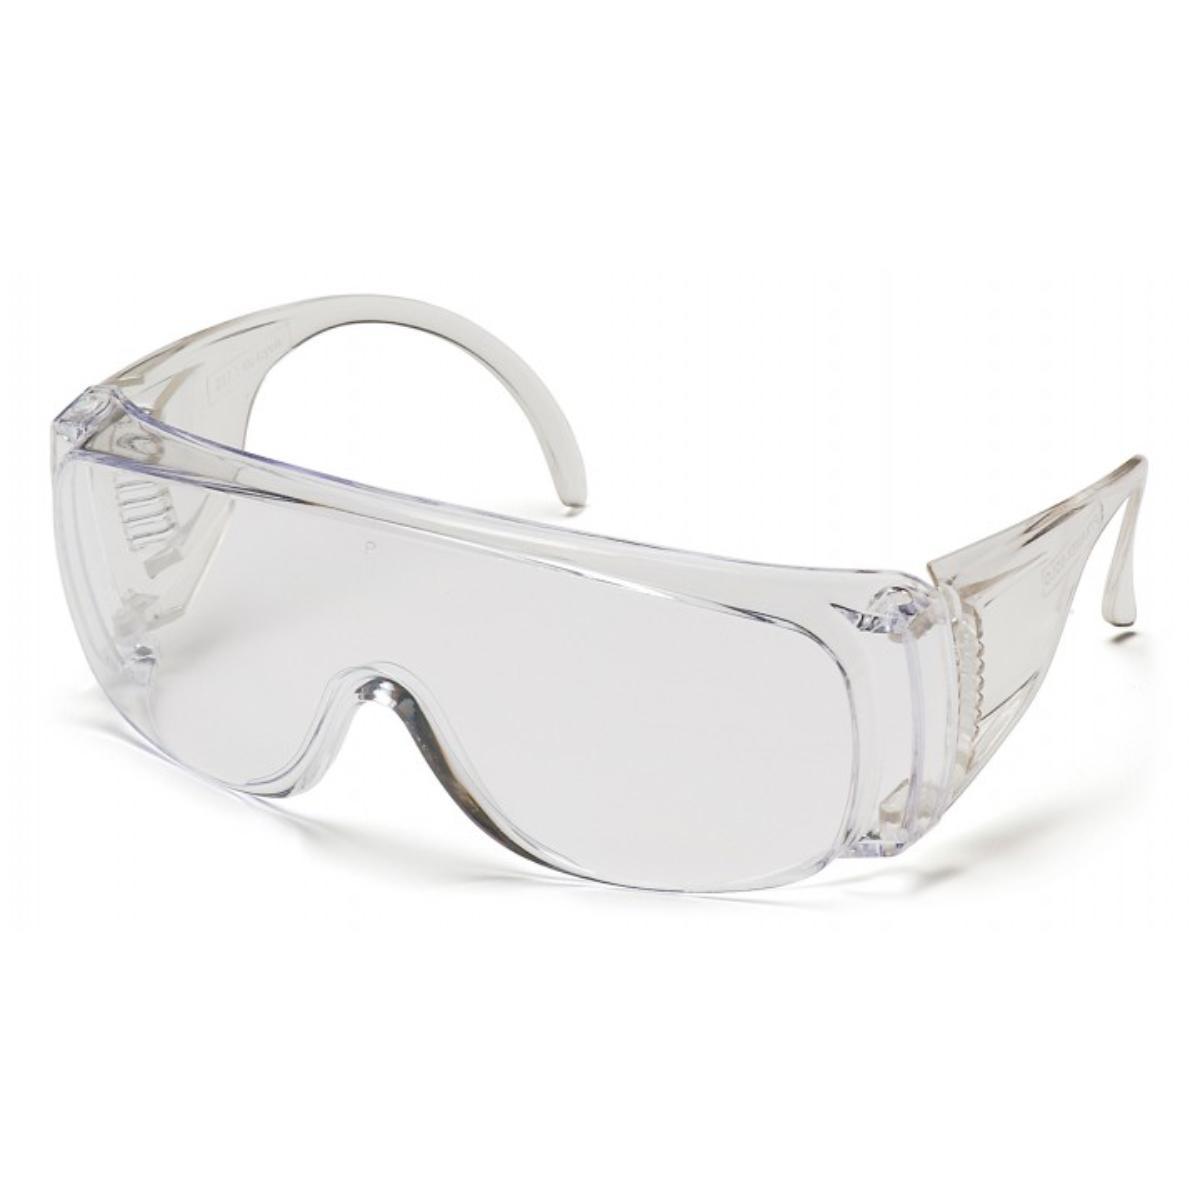 Clear Frame/Clear Lens